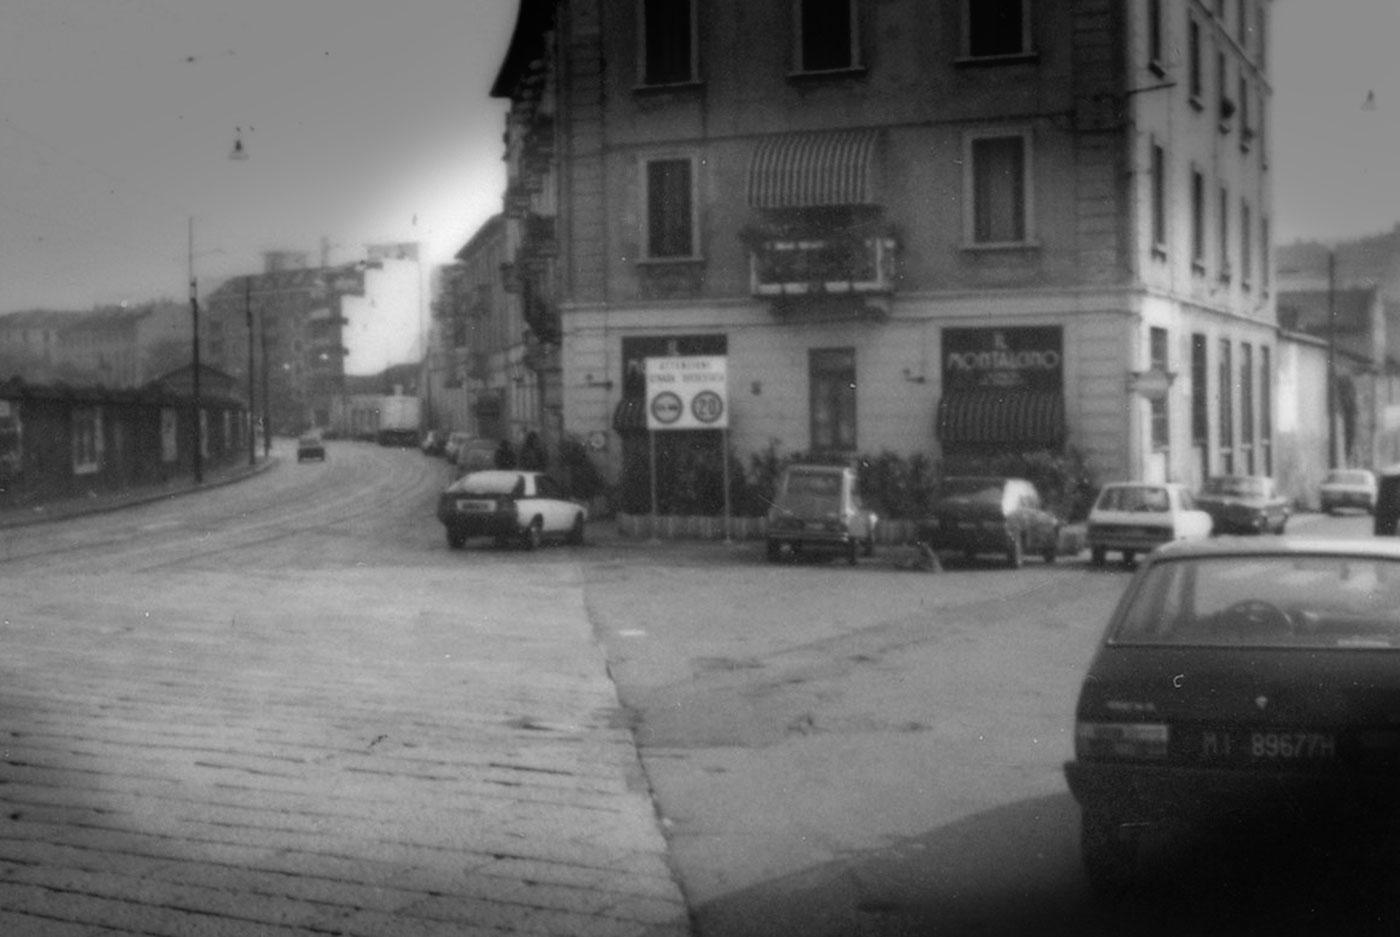 Via Valenza-Alzaia Naviglio Grande Prima metà anni '80 (notare l'assenza del grattacielo di Porta Genova, sorto dopo il 1986 e l'assenza di una pavimentazione falso ottocentesca della Alzaia Naviglio Grande, oggi invece presente e non proprio allineata ai capitolati stradali a cavallo dei secoli XIX e XX. La Milano dei Navigli è oggi un pasticcio urbanistico ed un errore/orrore commerciale della movida notturna fatta di alcolici, droga spacciata lungo le vie e pizze surgelate)